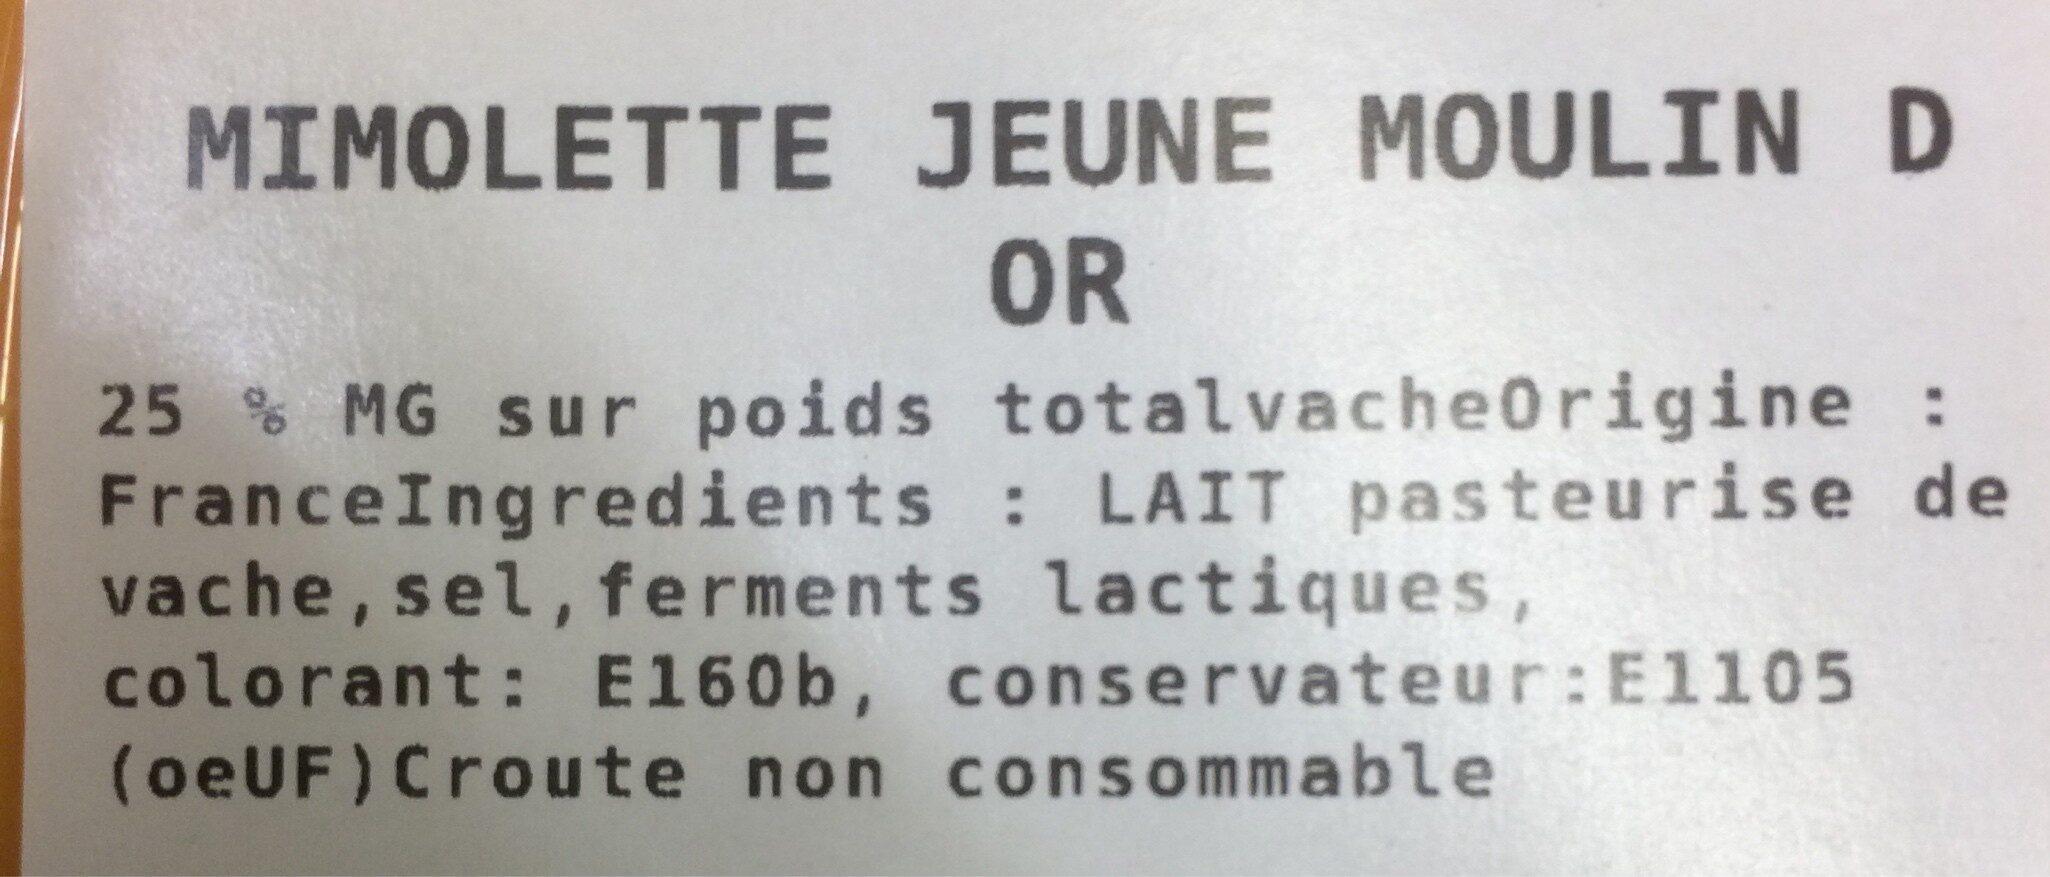 Mimolette jeune moulin d'or - Ingredienti - fr